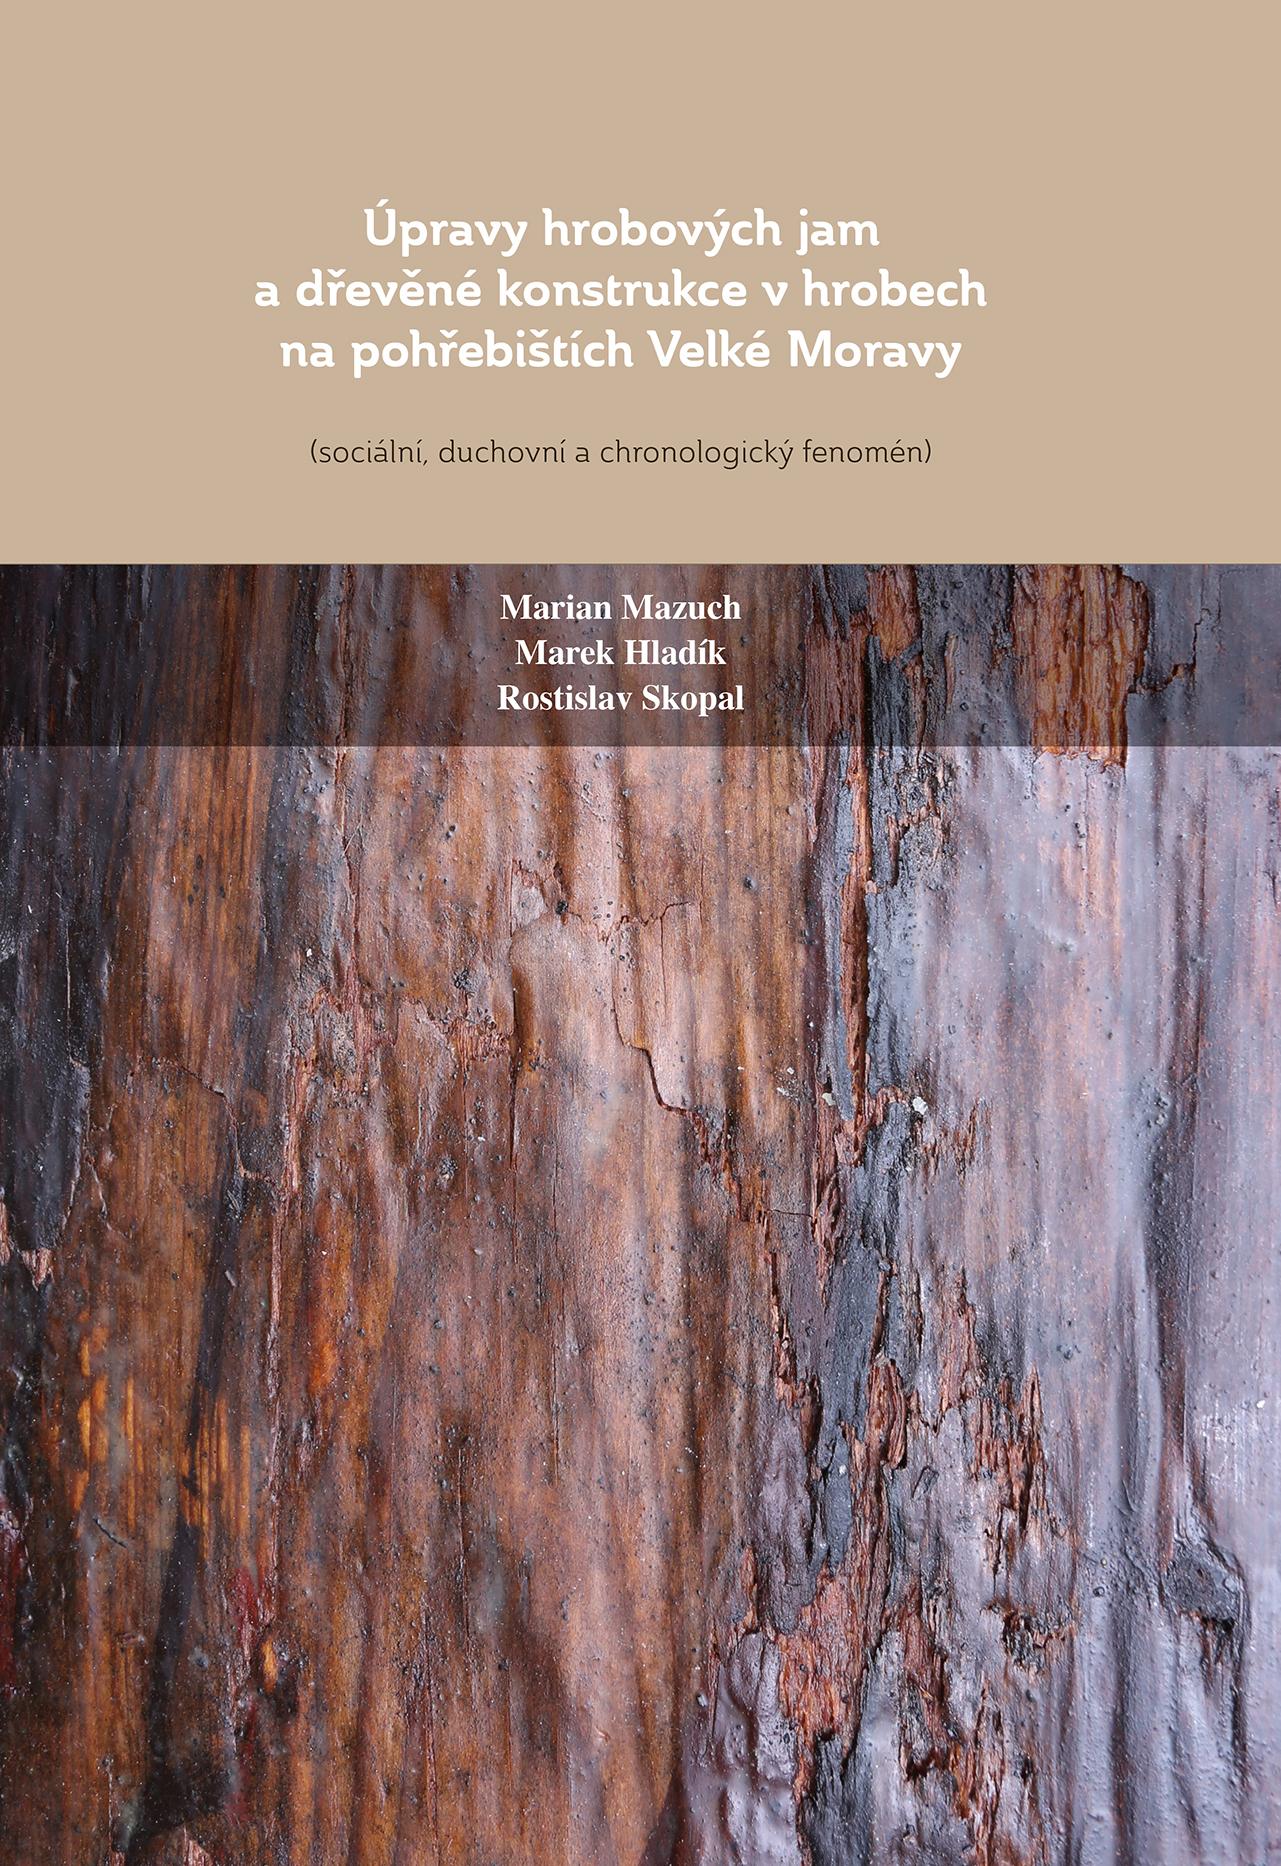 Úpravy hrobových jam a dřevěné konstrukce v hrobech na pohřebištích Velké Moravy (sociální, duchovní a chronologický fenomén)